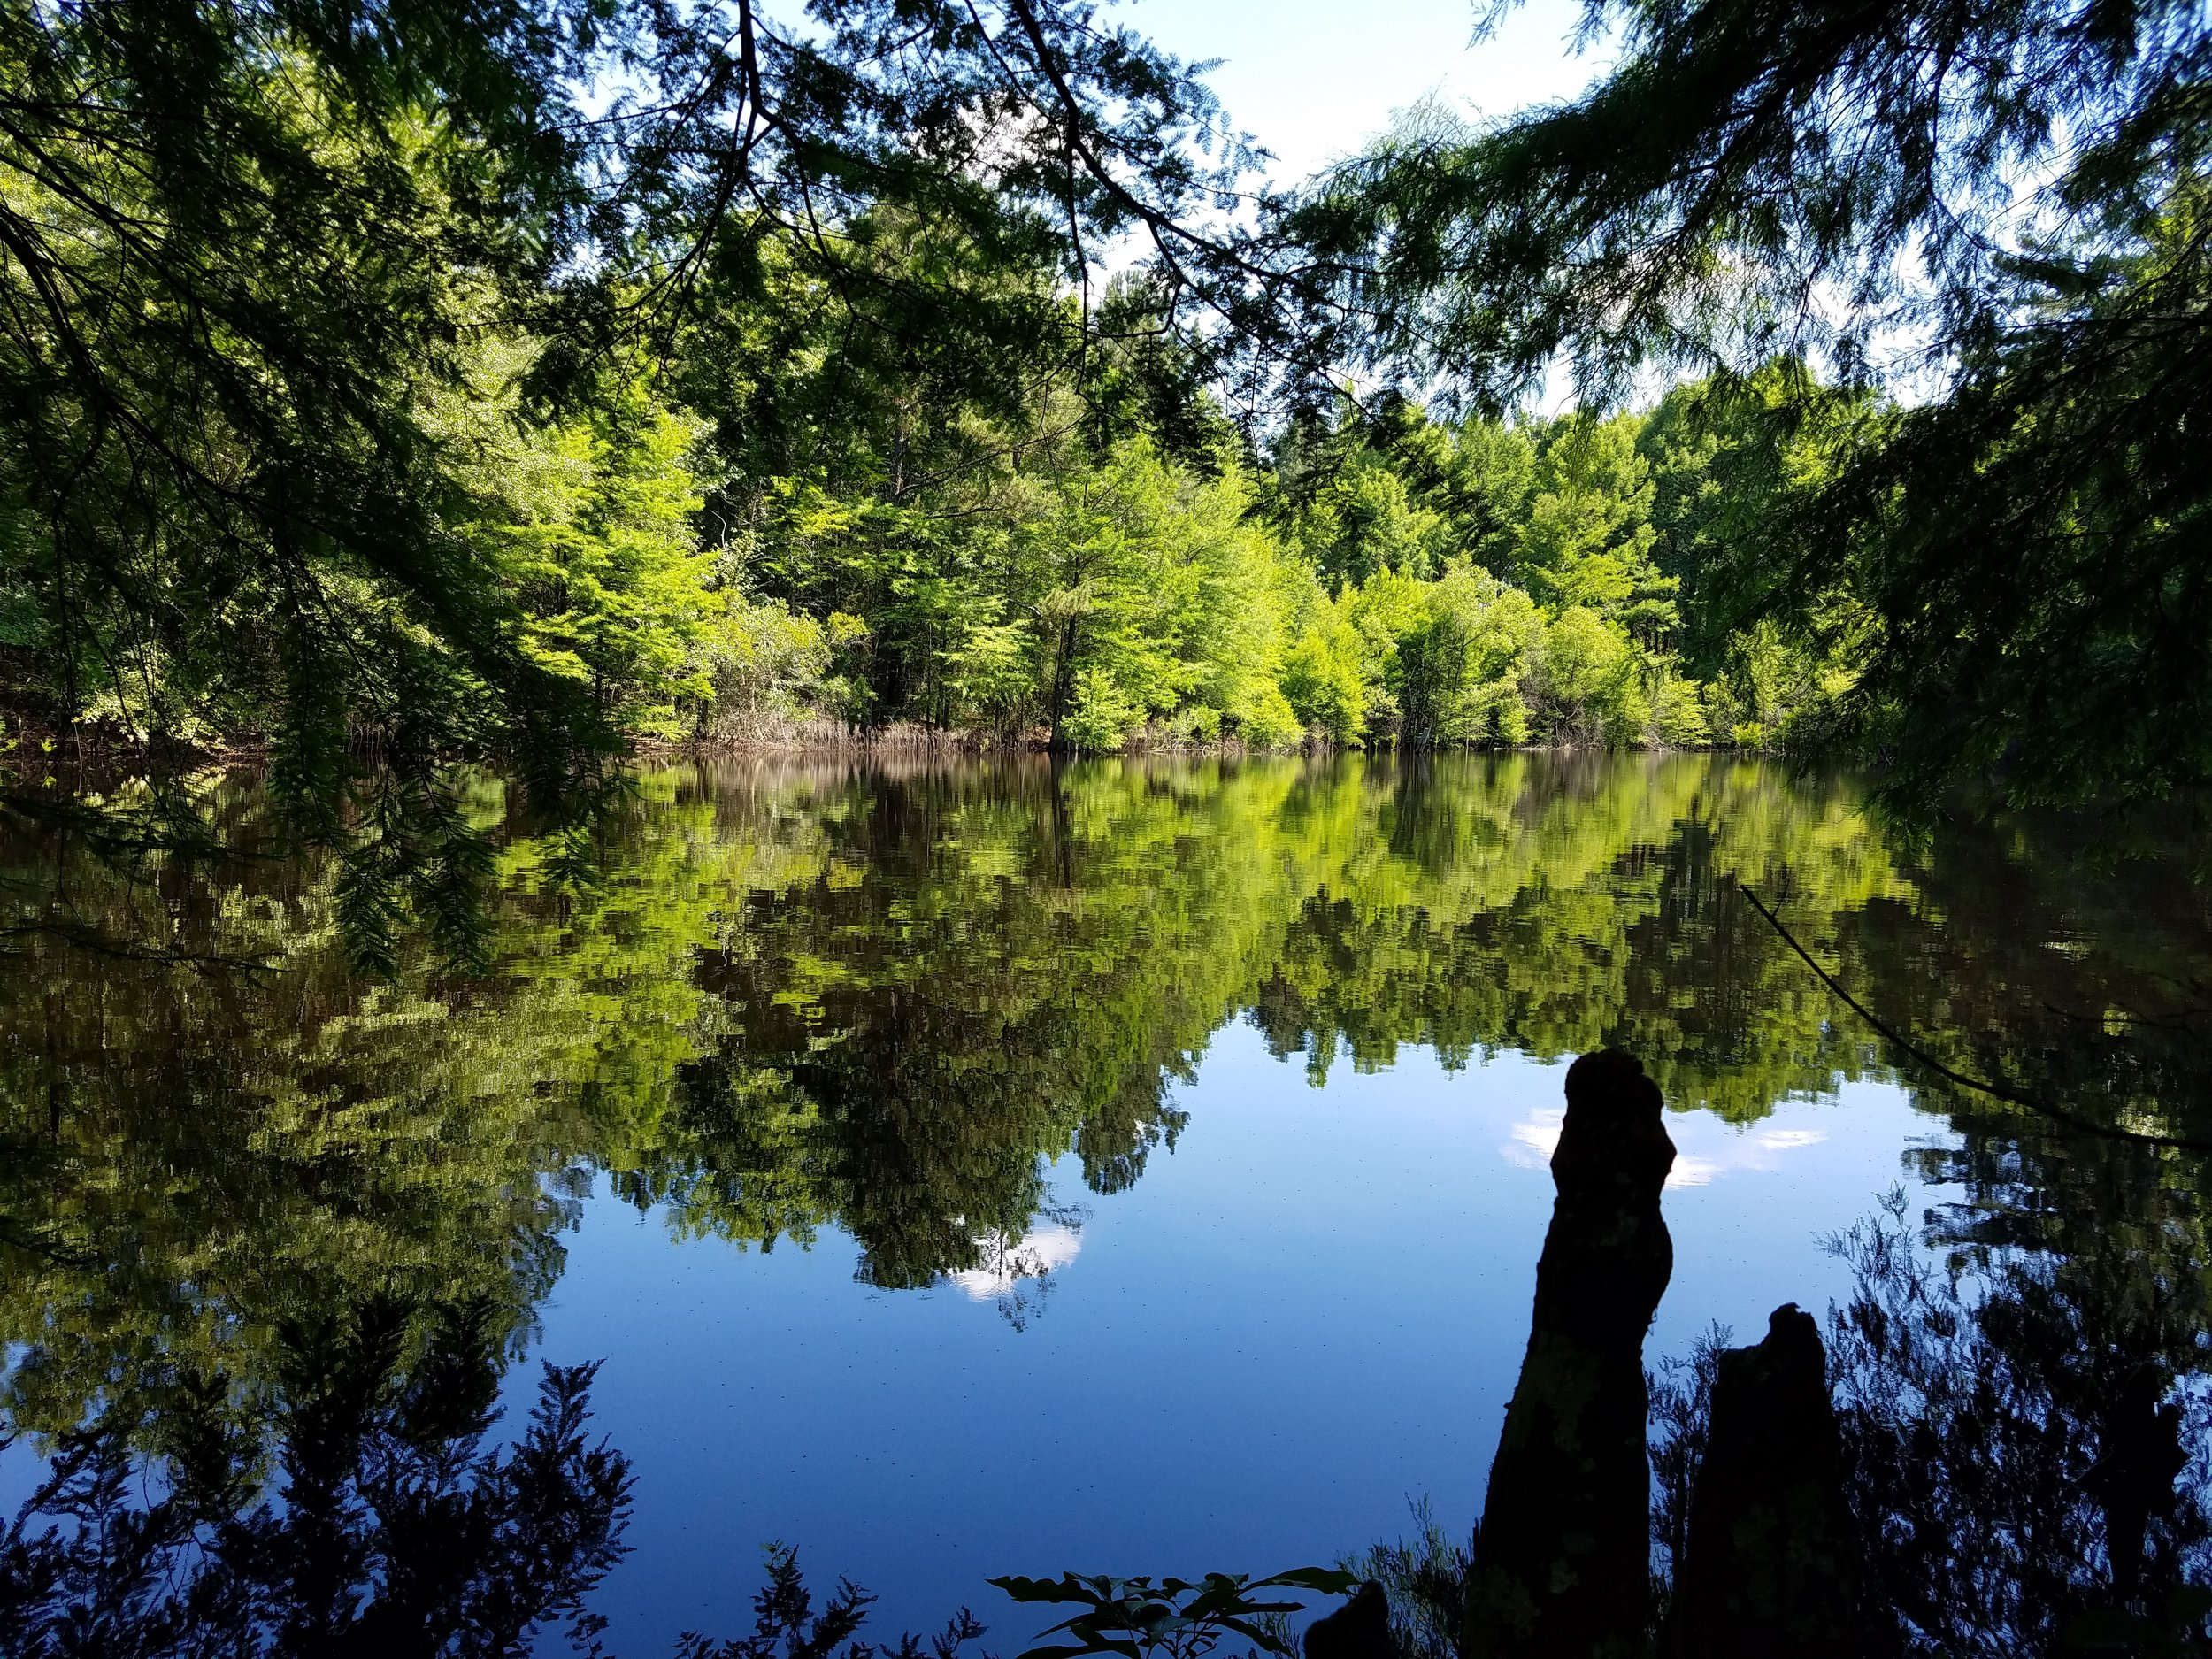 Forest Management Plans